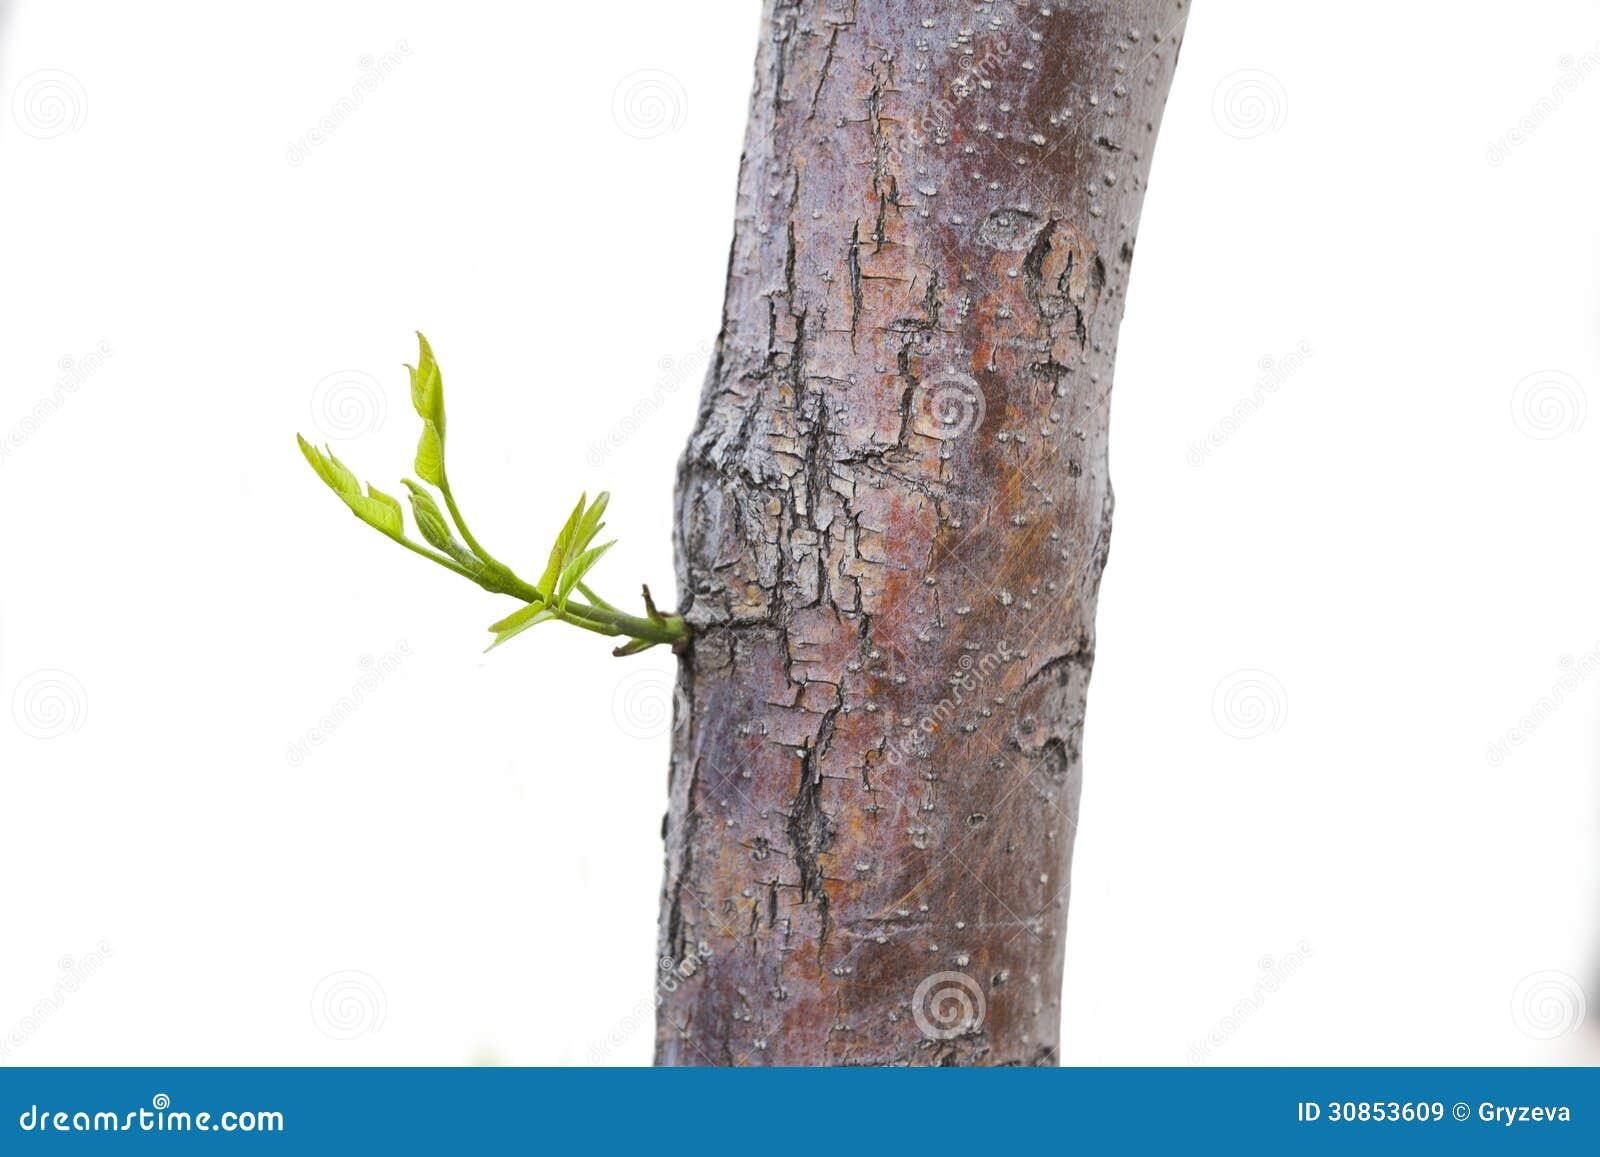 Новые лист на стволе дерева